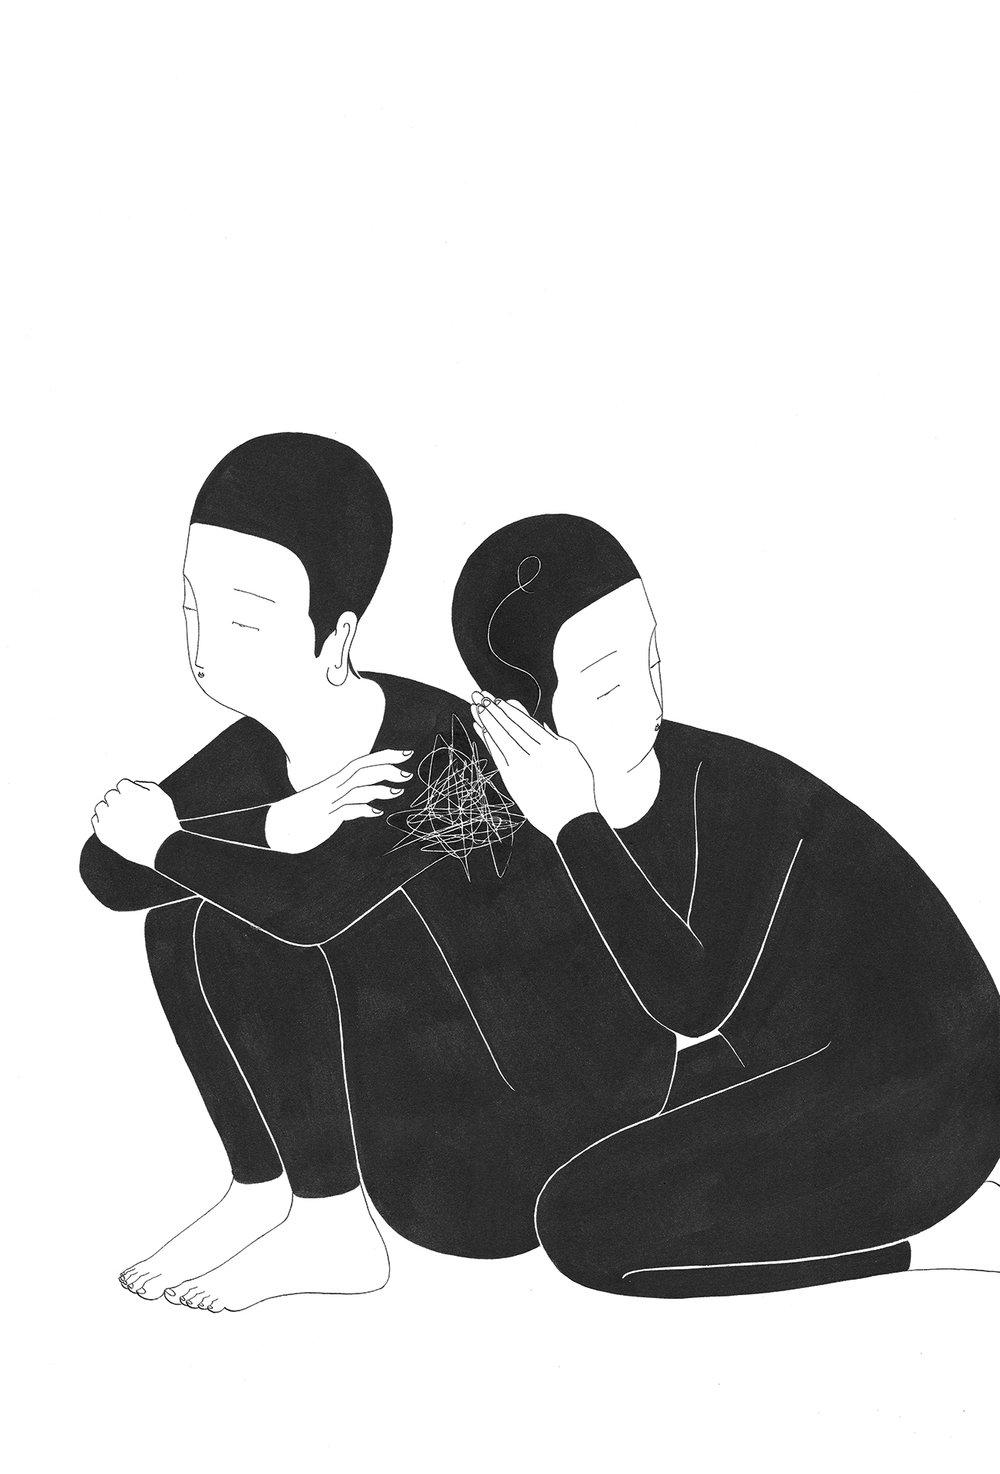 마음 덤불 / Whatever you said Op. 0149C -38 x 56 cm,종이에 잉크 / Ink on paper, 2017 Commissioned by Minumsa